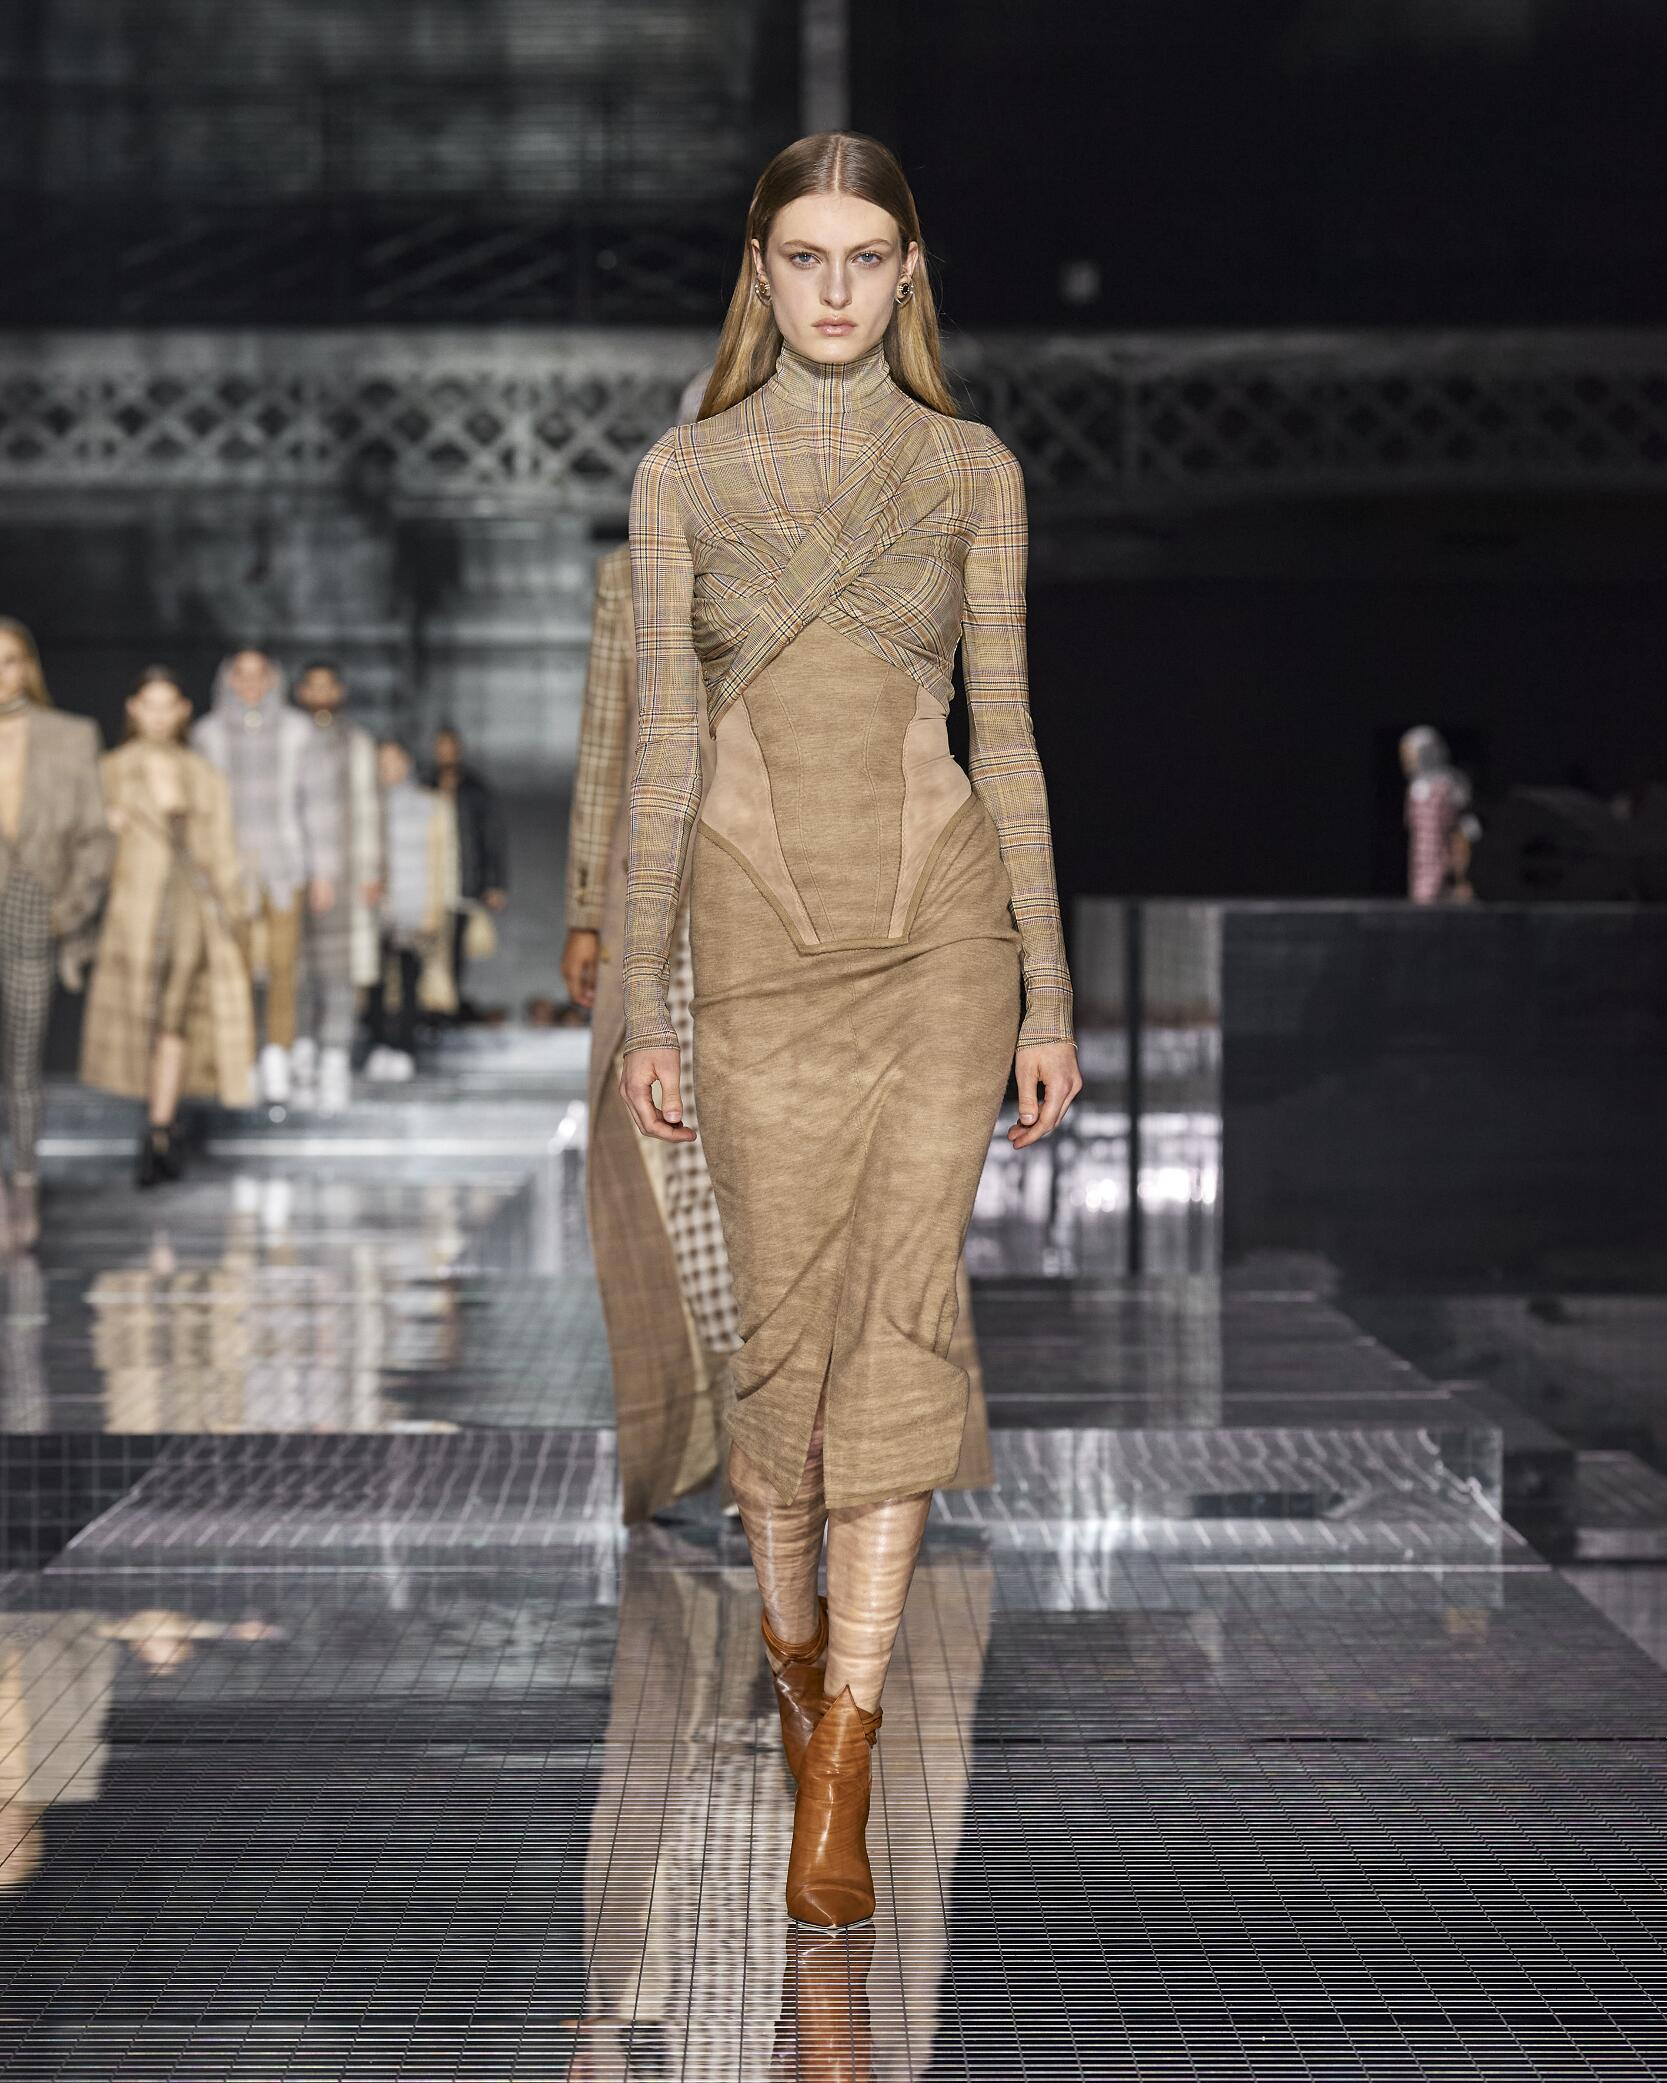 Womenswear Fall Winter Burberry 2020 Trends